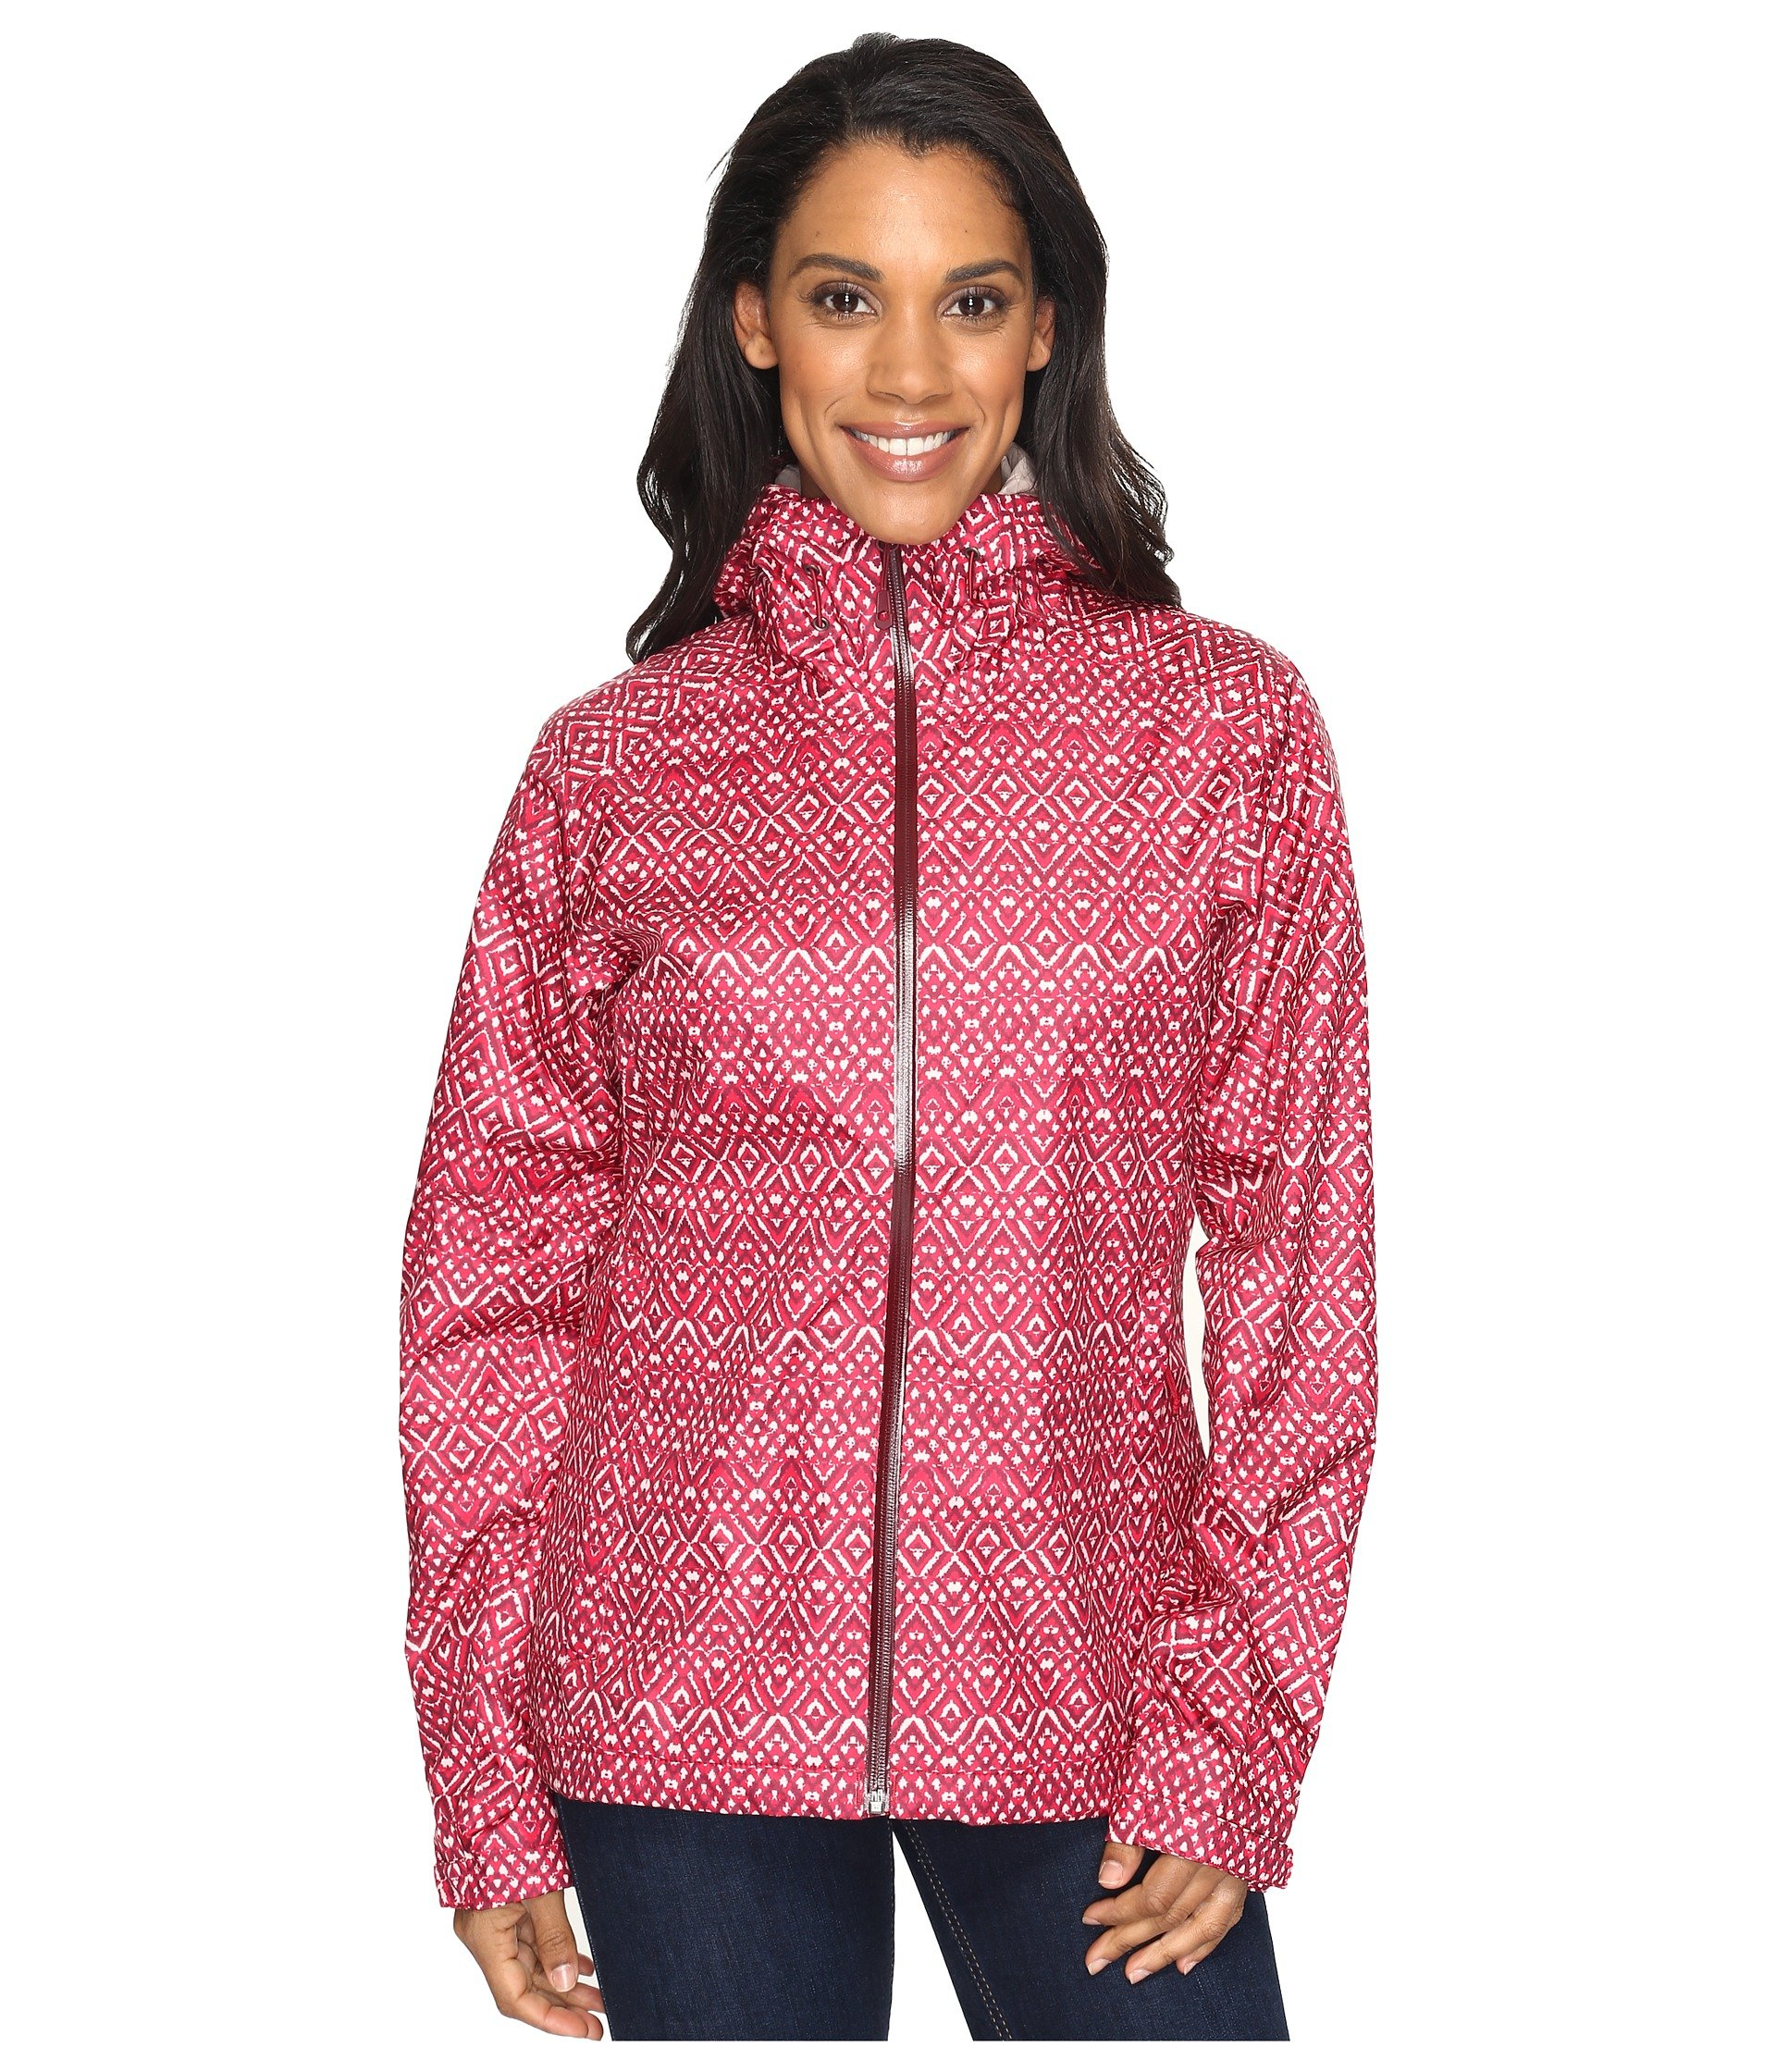 MOUNTAIN HARDWEAR Finder™ Jacket, Cranstand